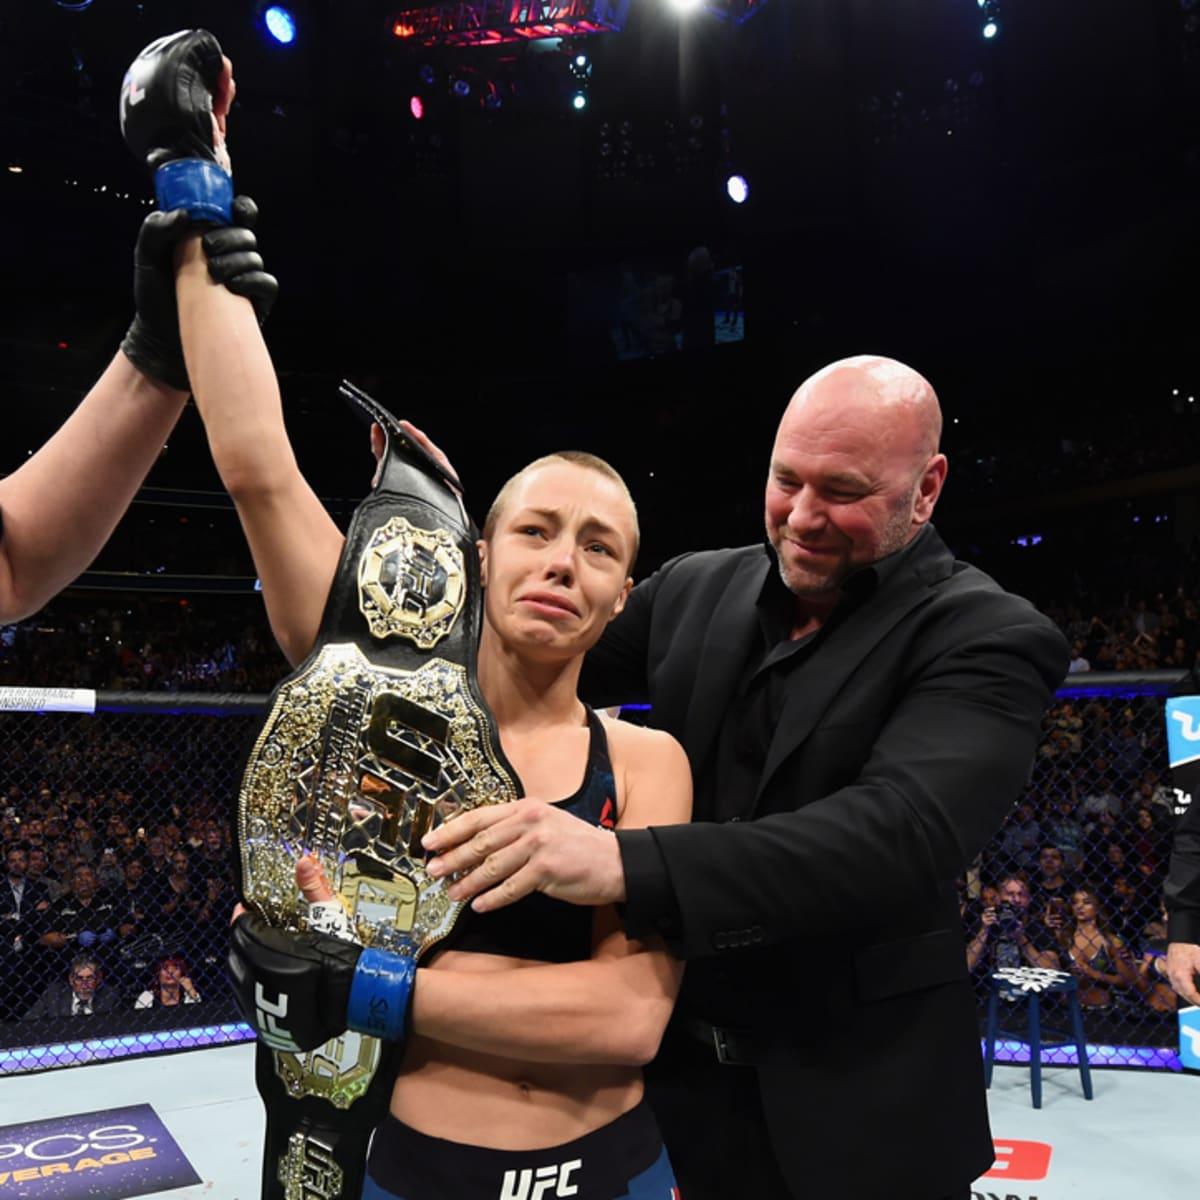 UFC 217: Rose Namajunas Overcomes Adversity in Upset - Sports Illustrated